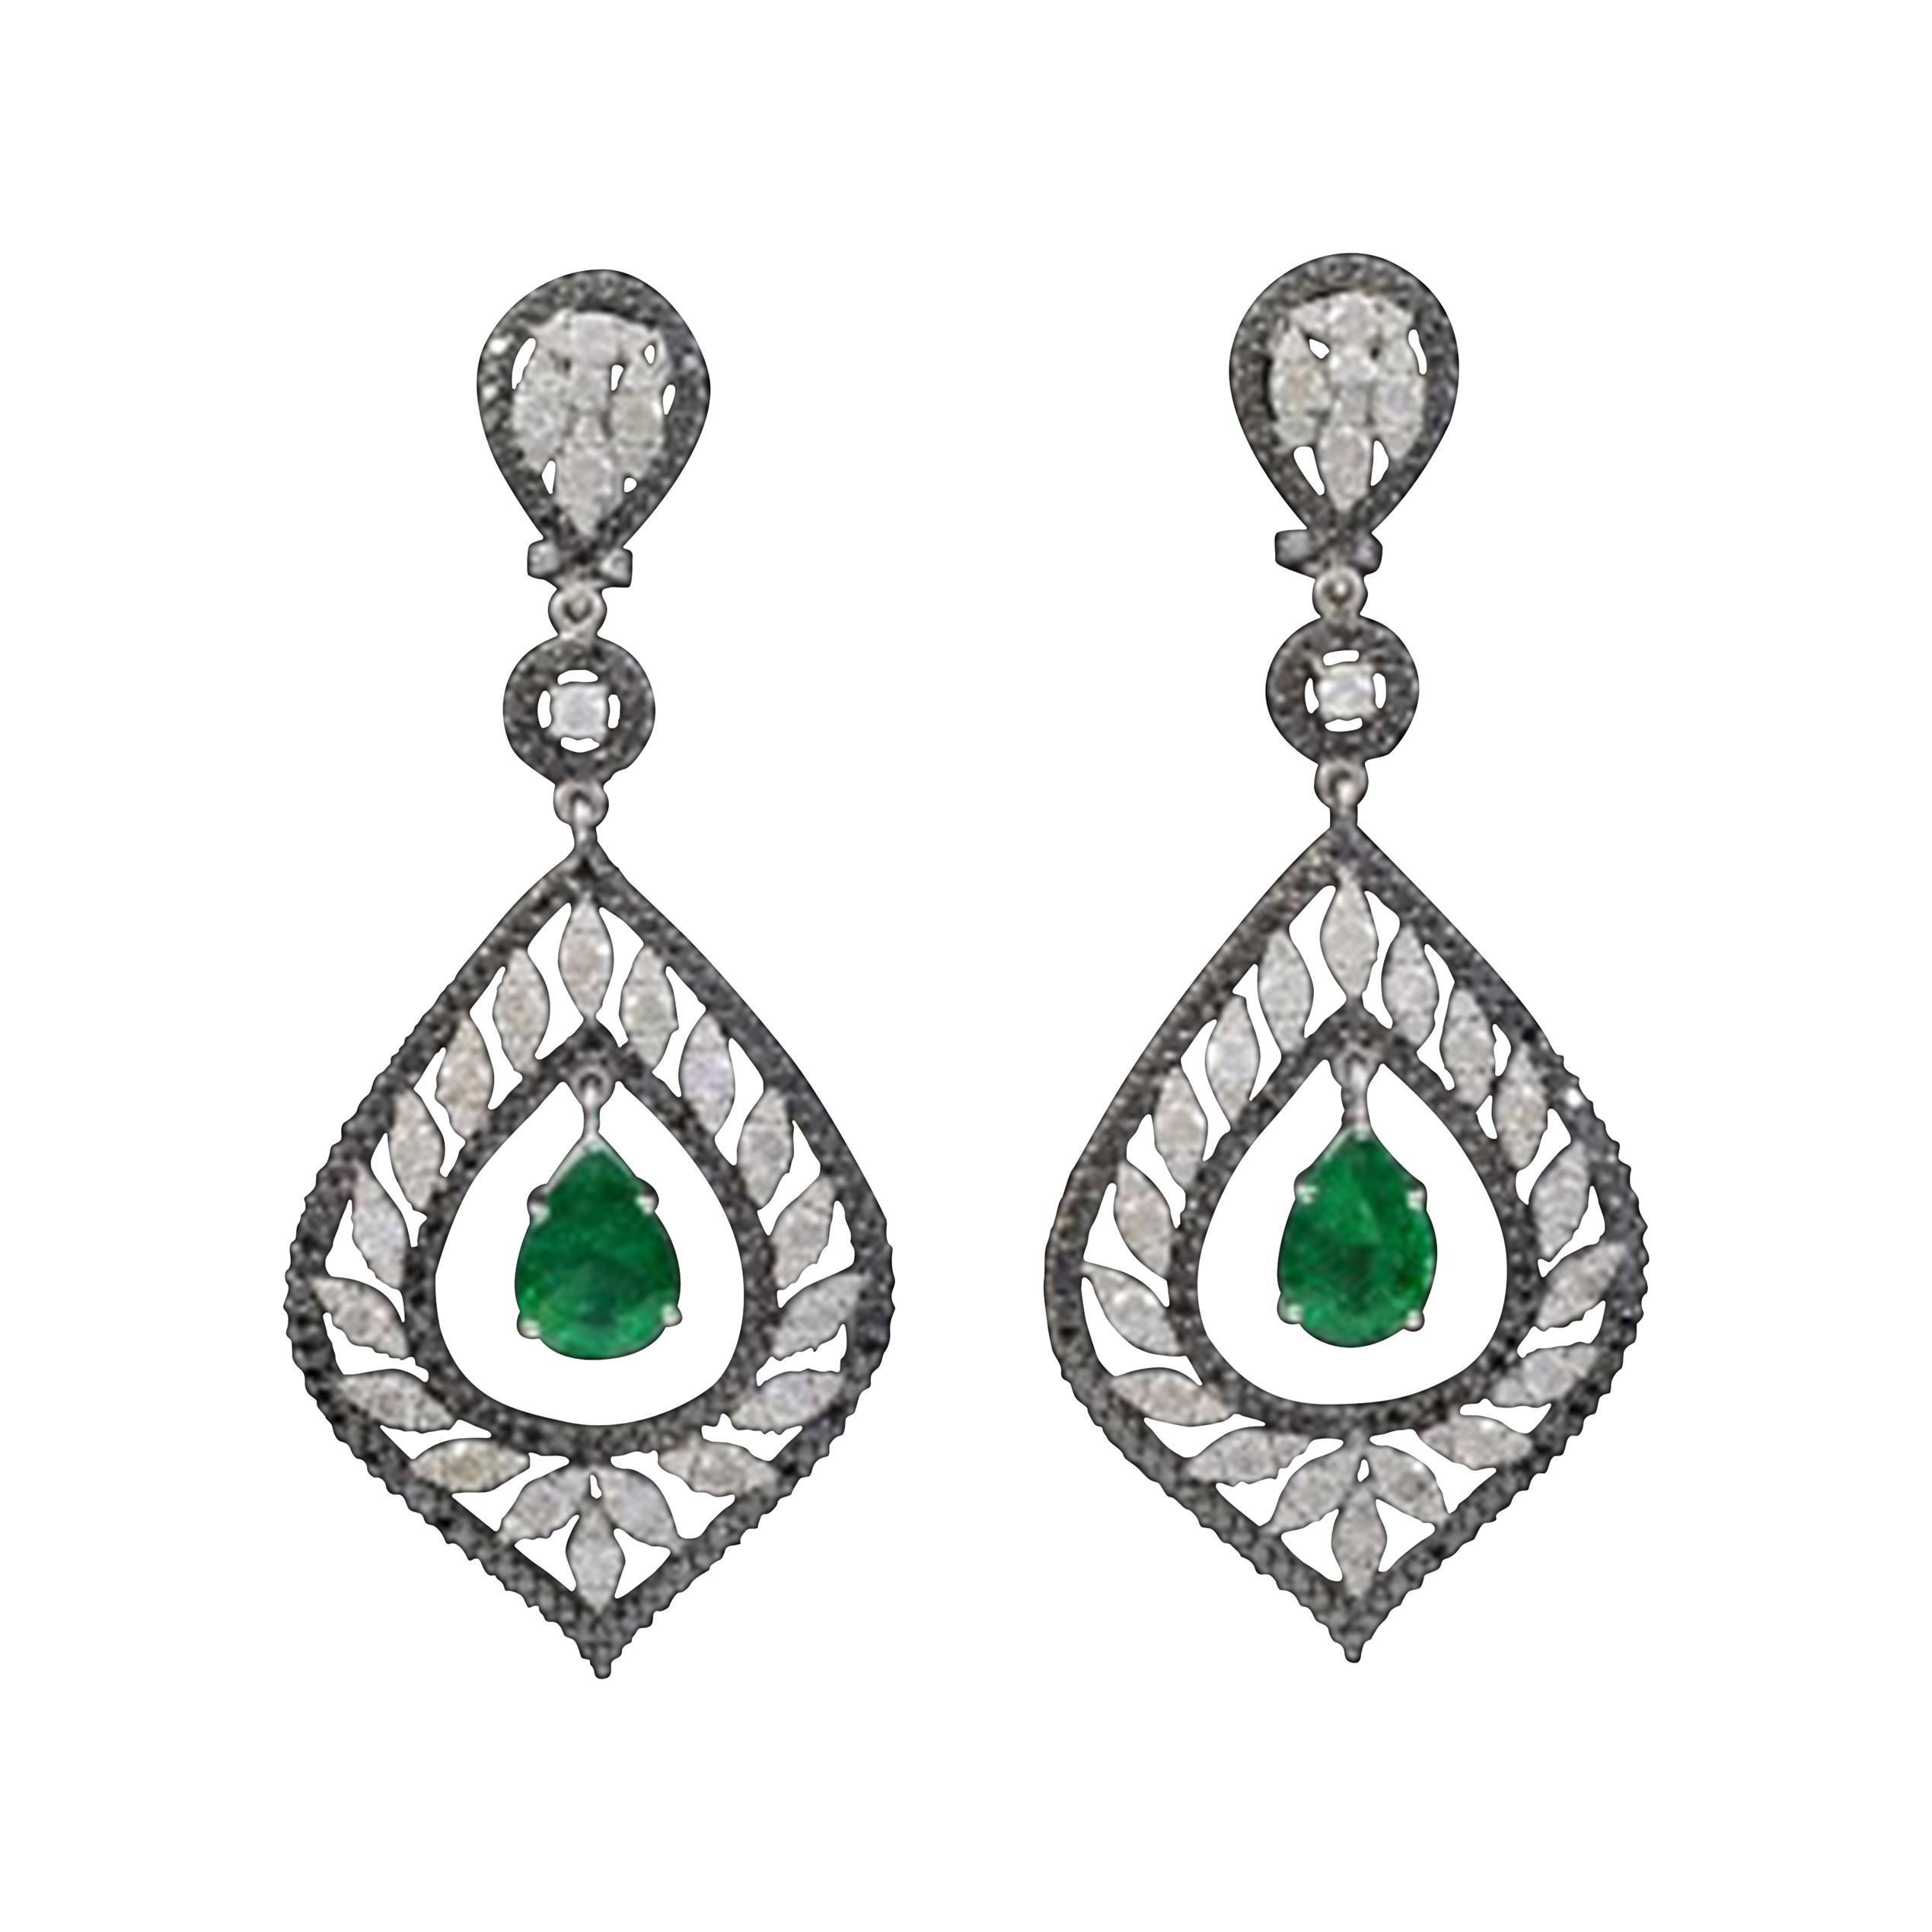 5.5 Carat Colombian Pear Shape Emerald Diamond Hanging / Drop Earrings 18Kt Gold